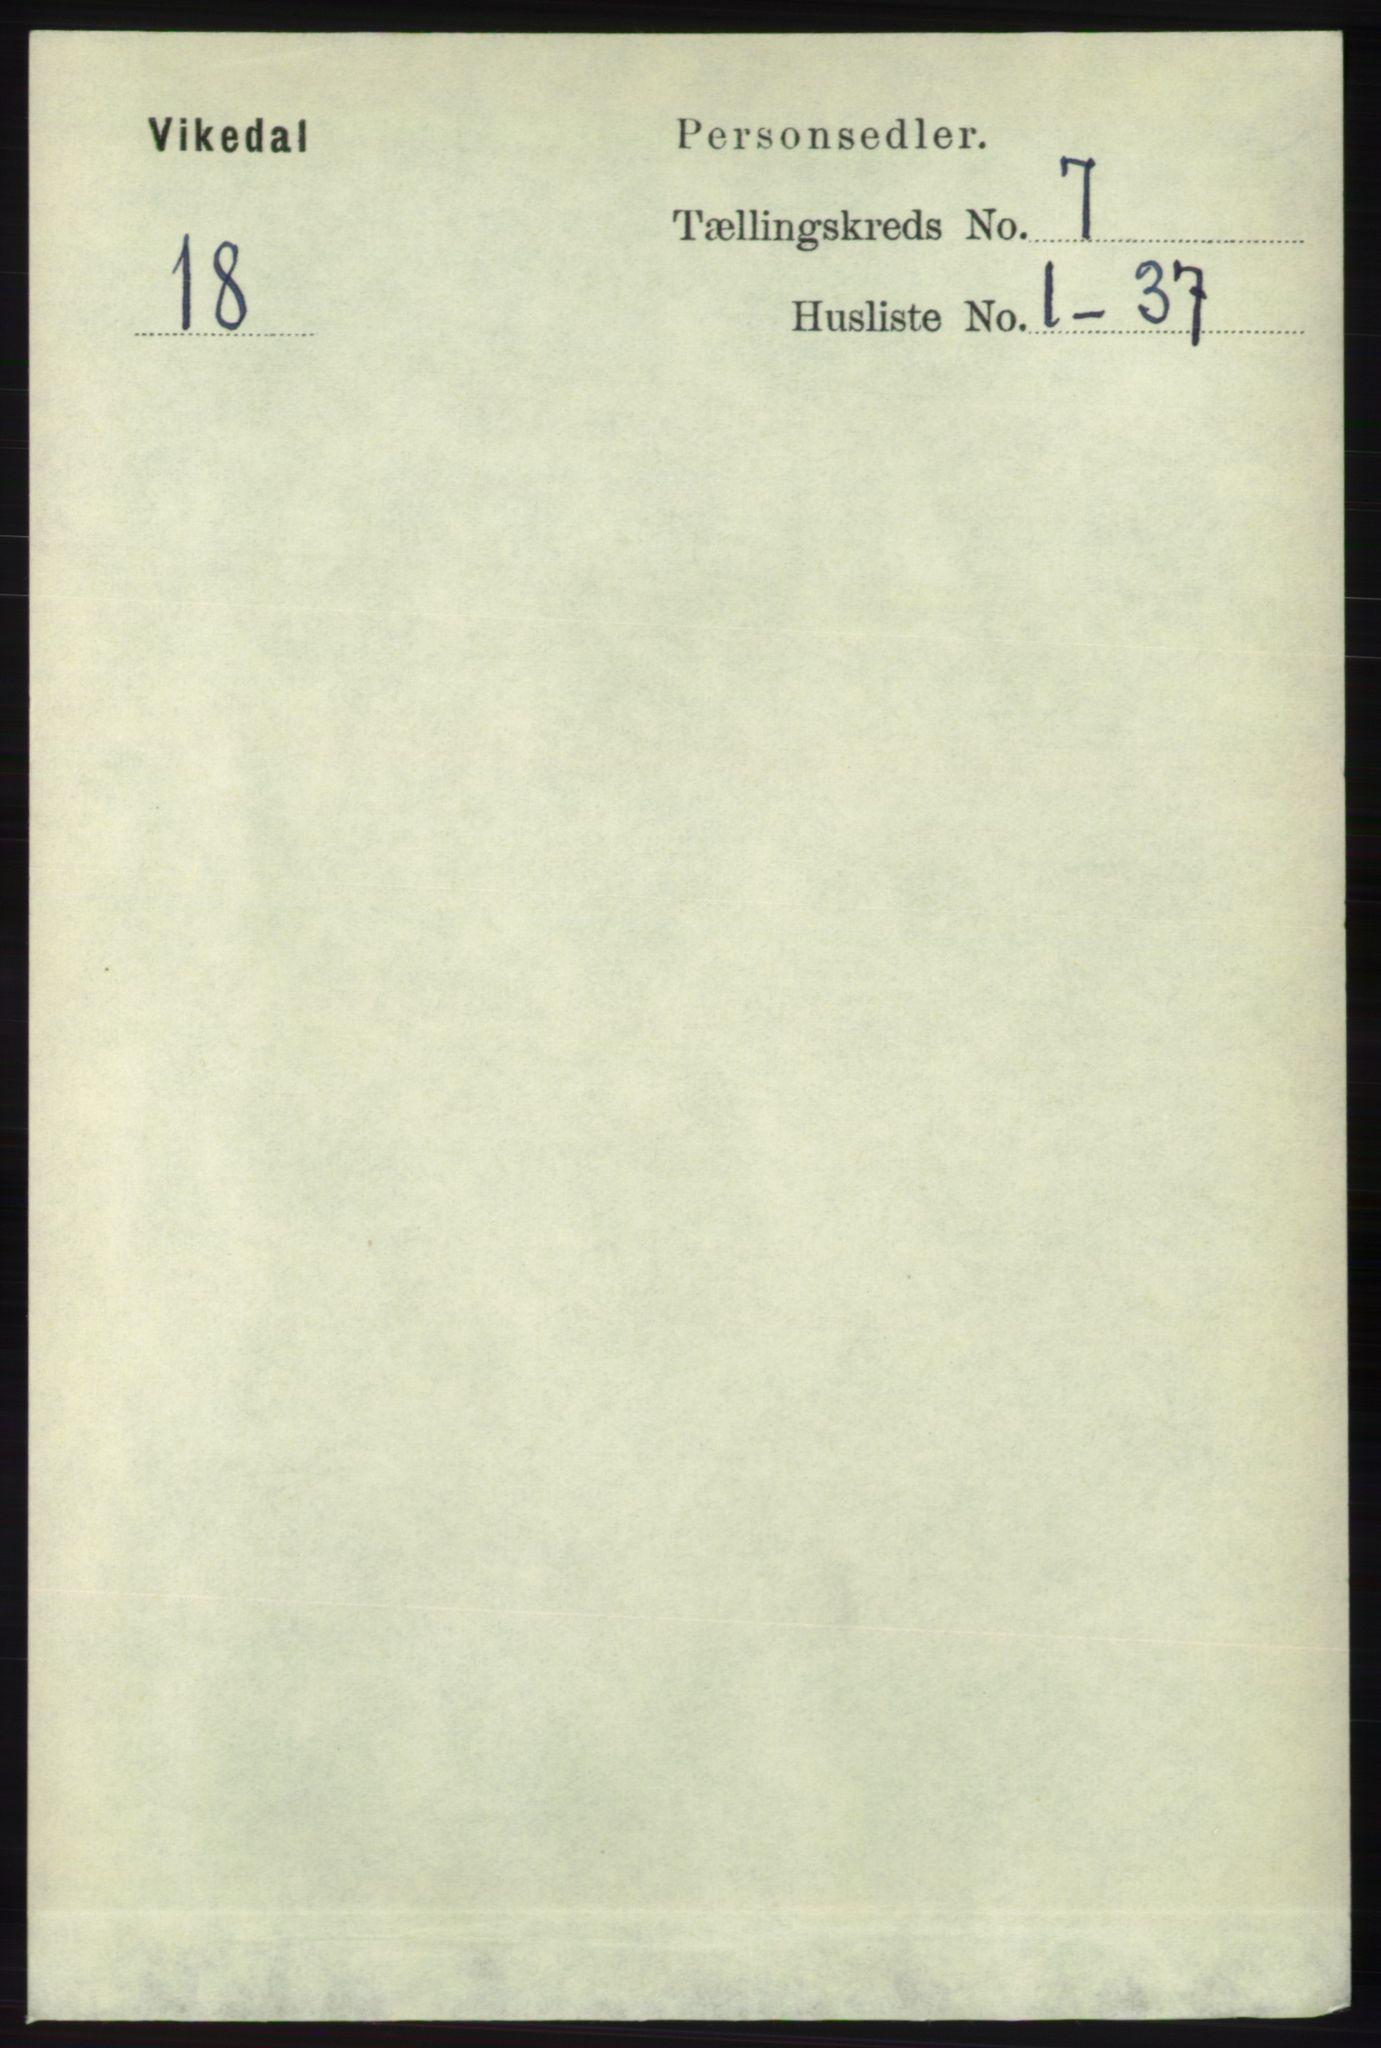 RA, Folketelling 1891 for 1157 Vikedal herred, 1891, s. 2033